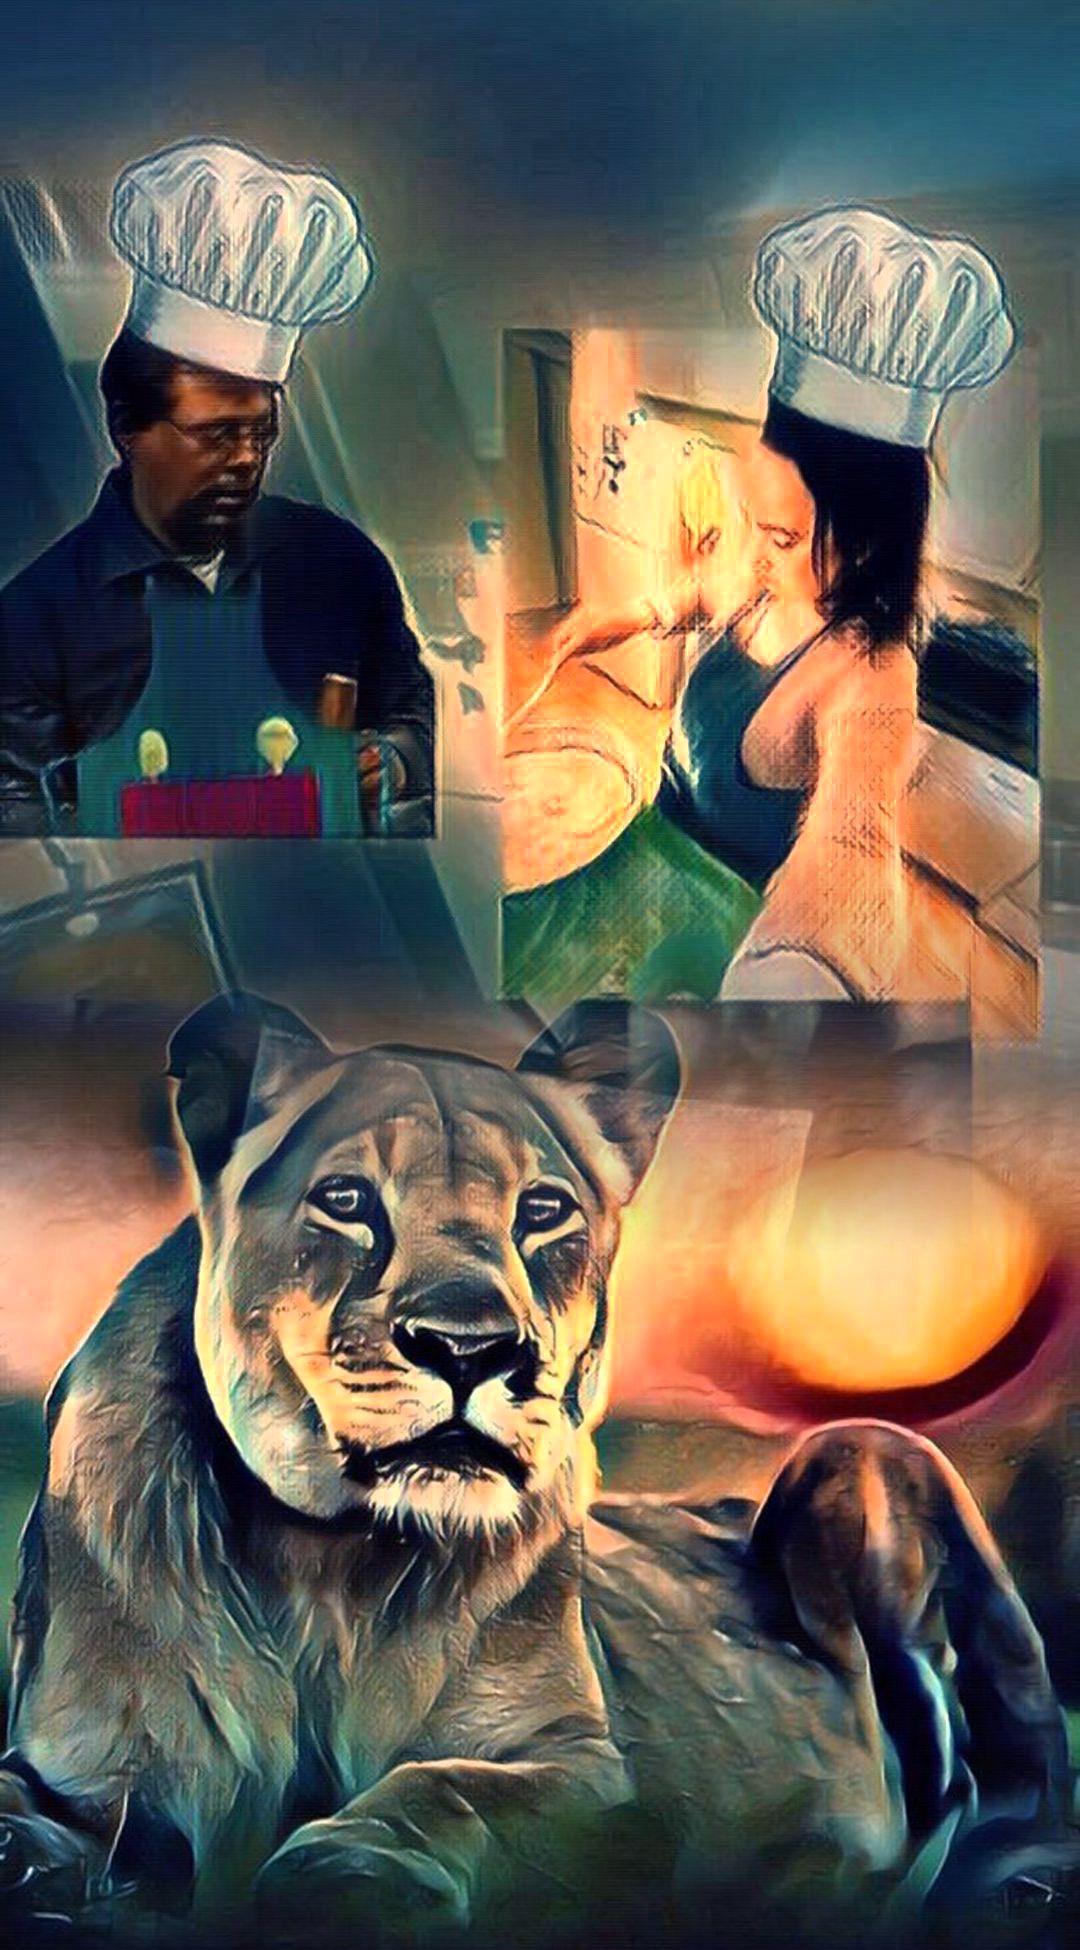 Hemelvaart Deel VIII Van de Leeuwenharten serie over Rob Nanninga en mij